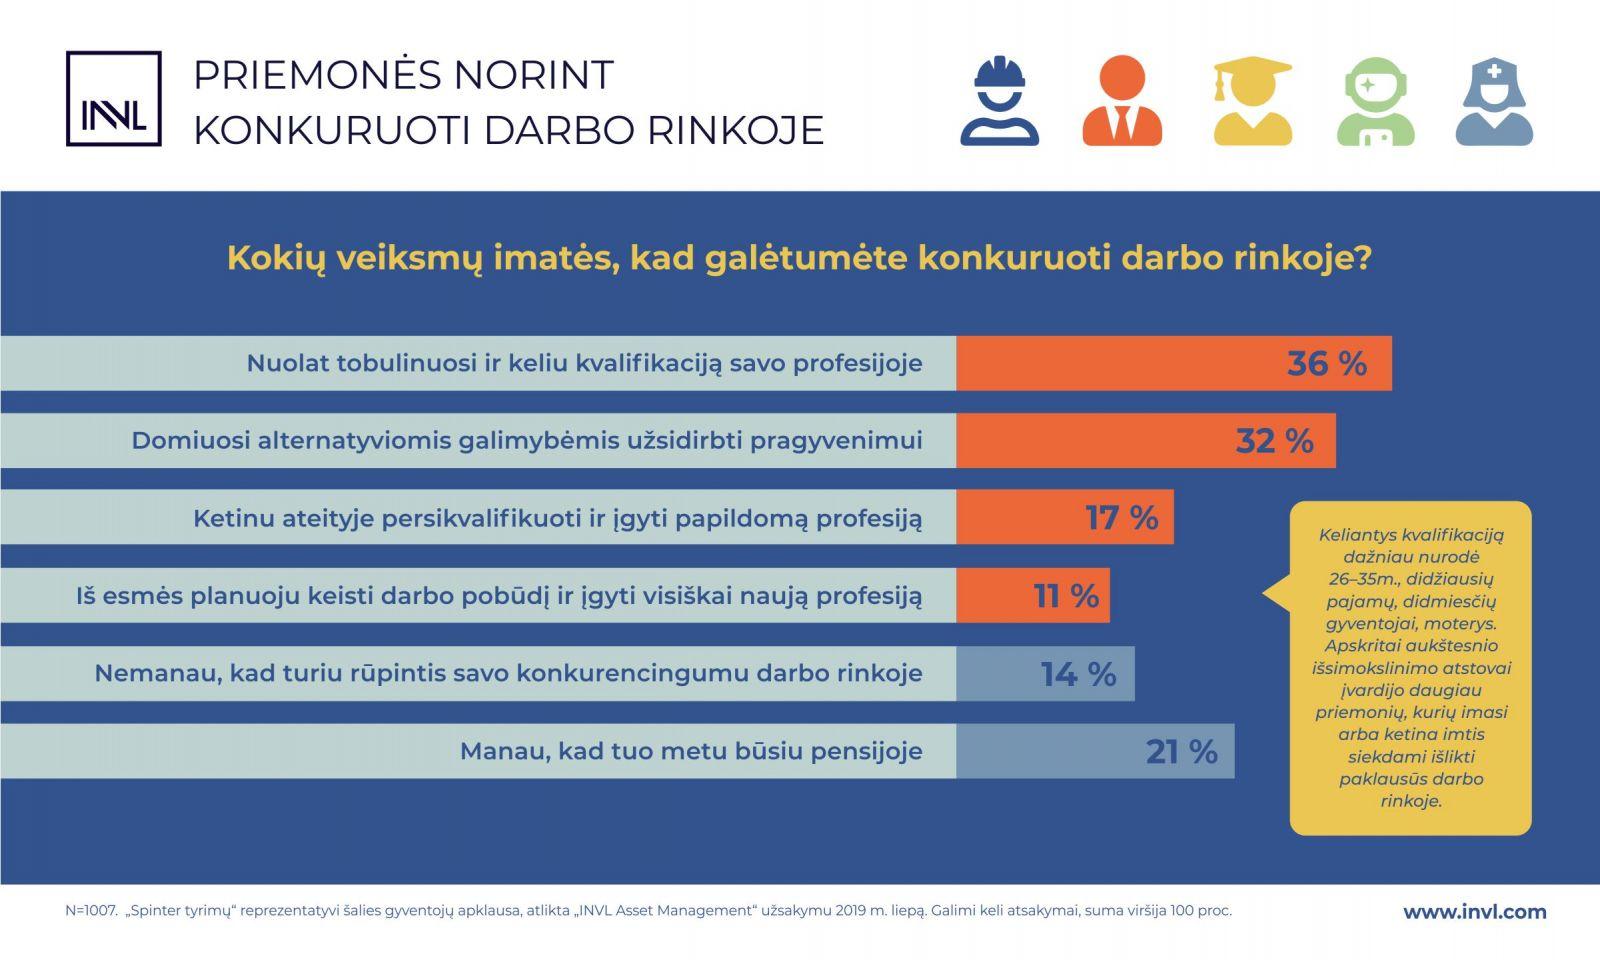 https://www.invaldainvl.com/images/Priemones%20konkuruoti%20darbo%20rinkoje%20INVL%20tyrimas.jpg